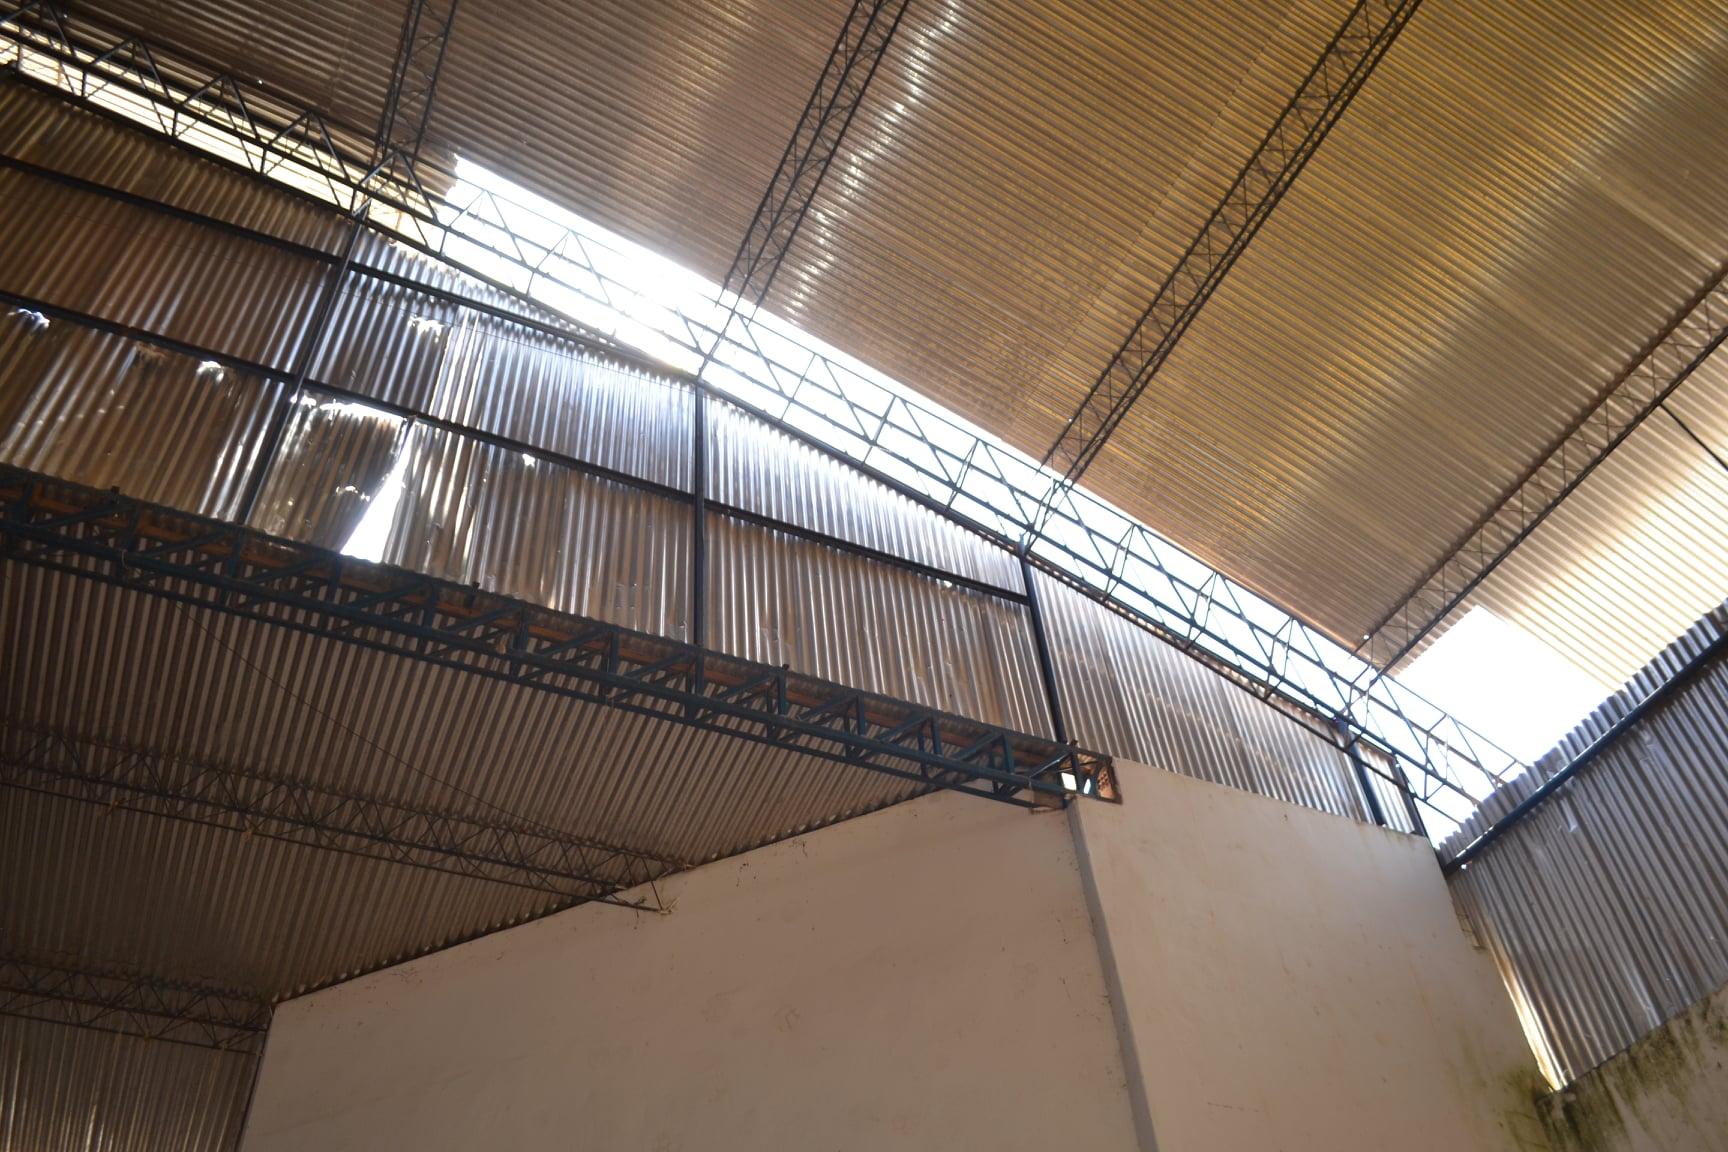 Ginásio de Guaratinga é interditado por corrosão na estrutura metálica 31